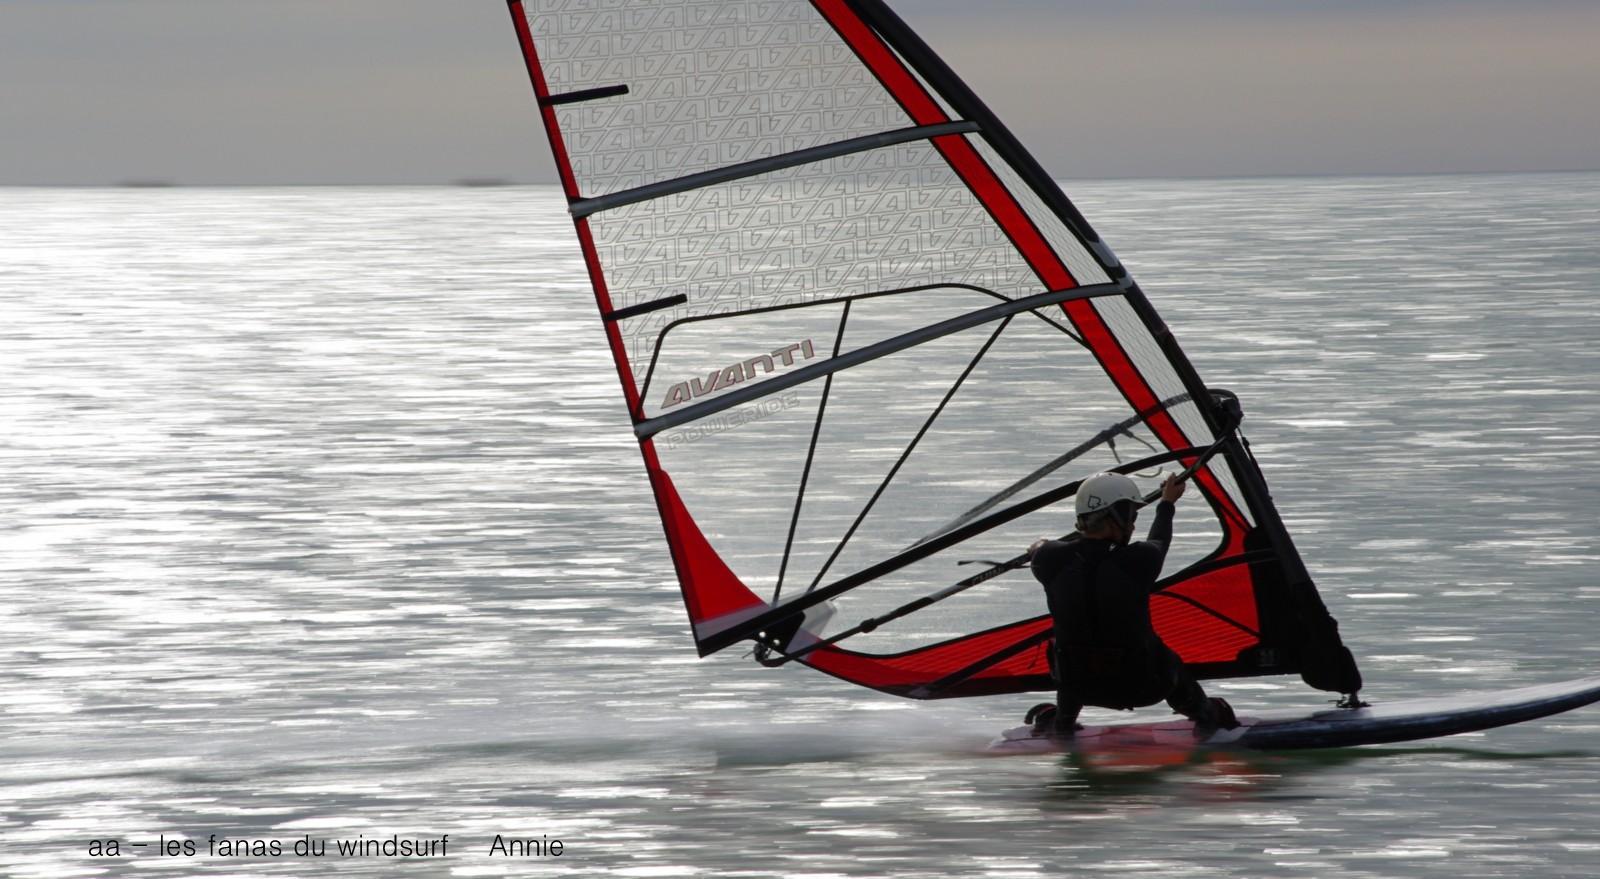 Surf report port la nouvelle 11 du 2015 09 02 12 00 00 - Meteo port la nouvelle ...